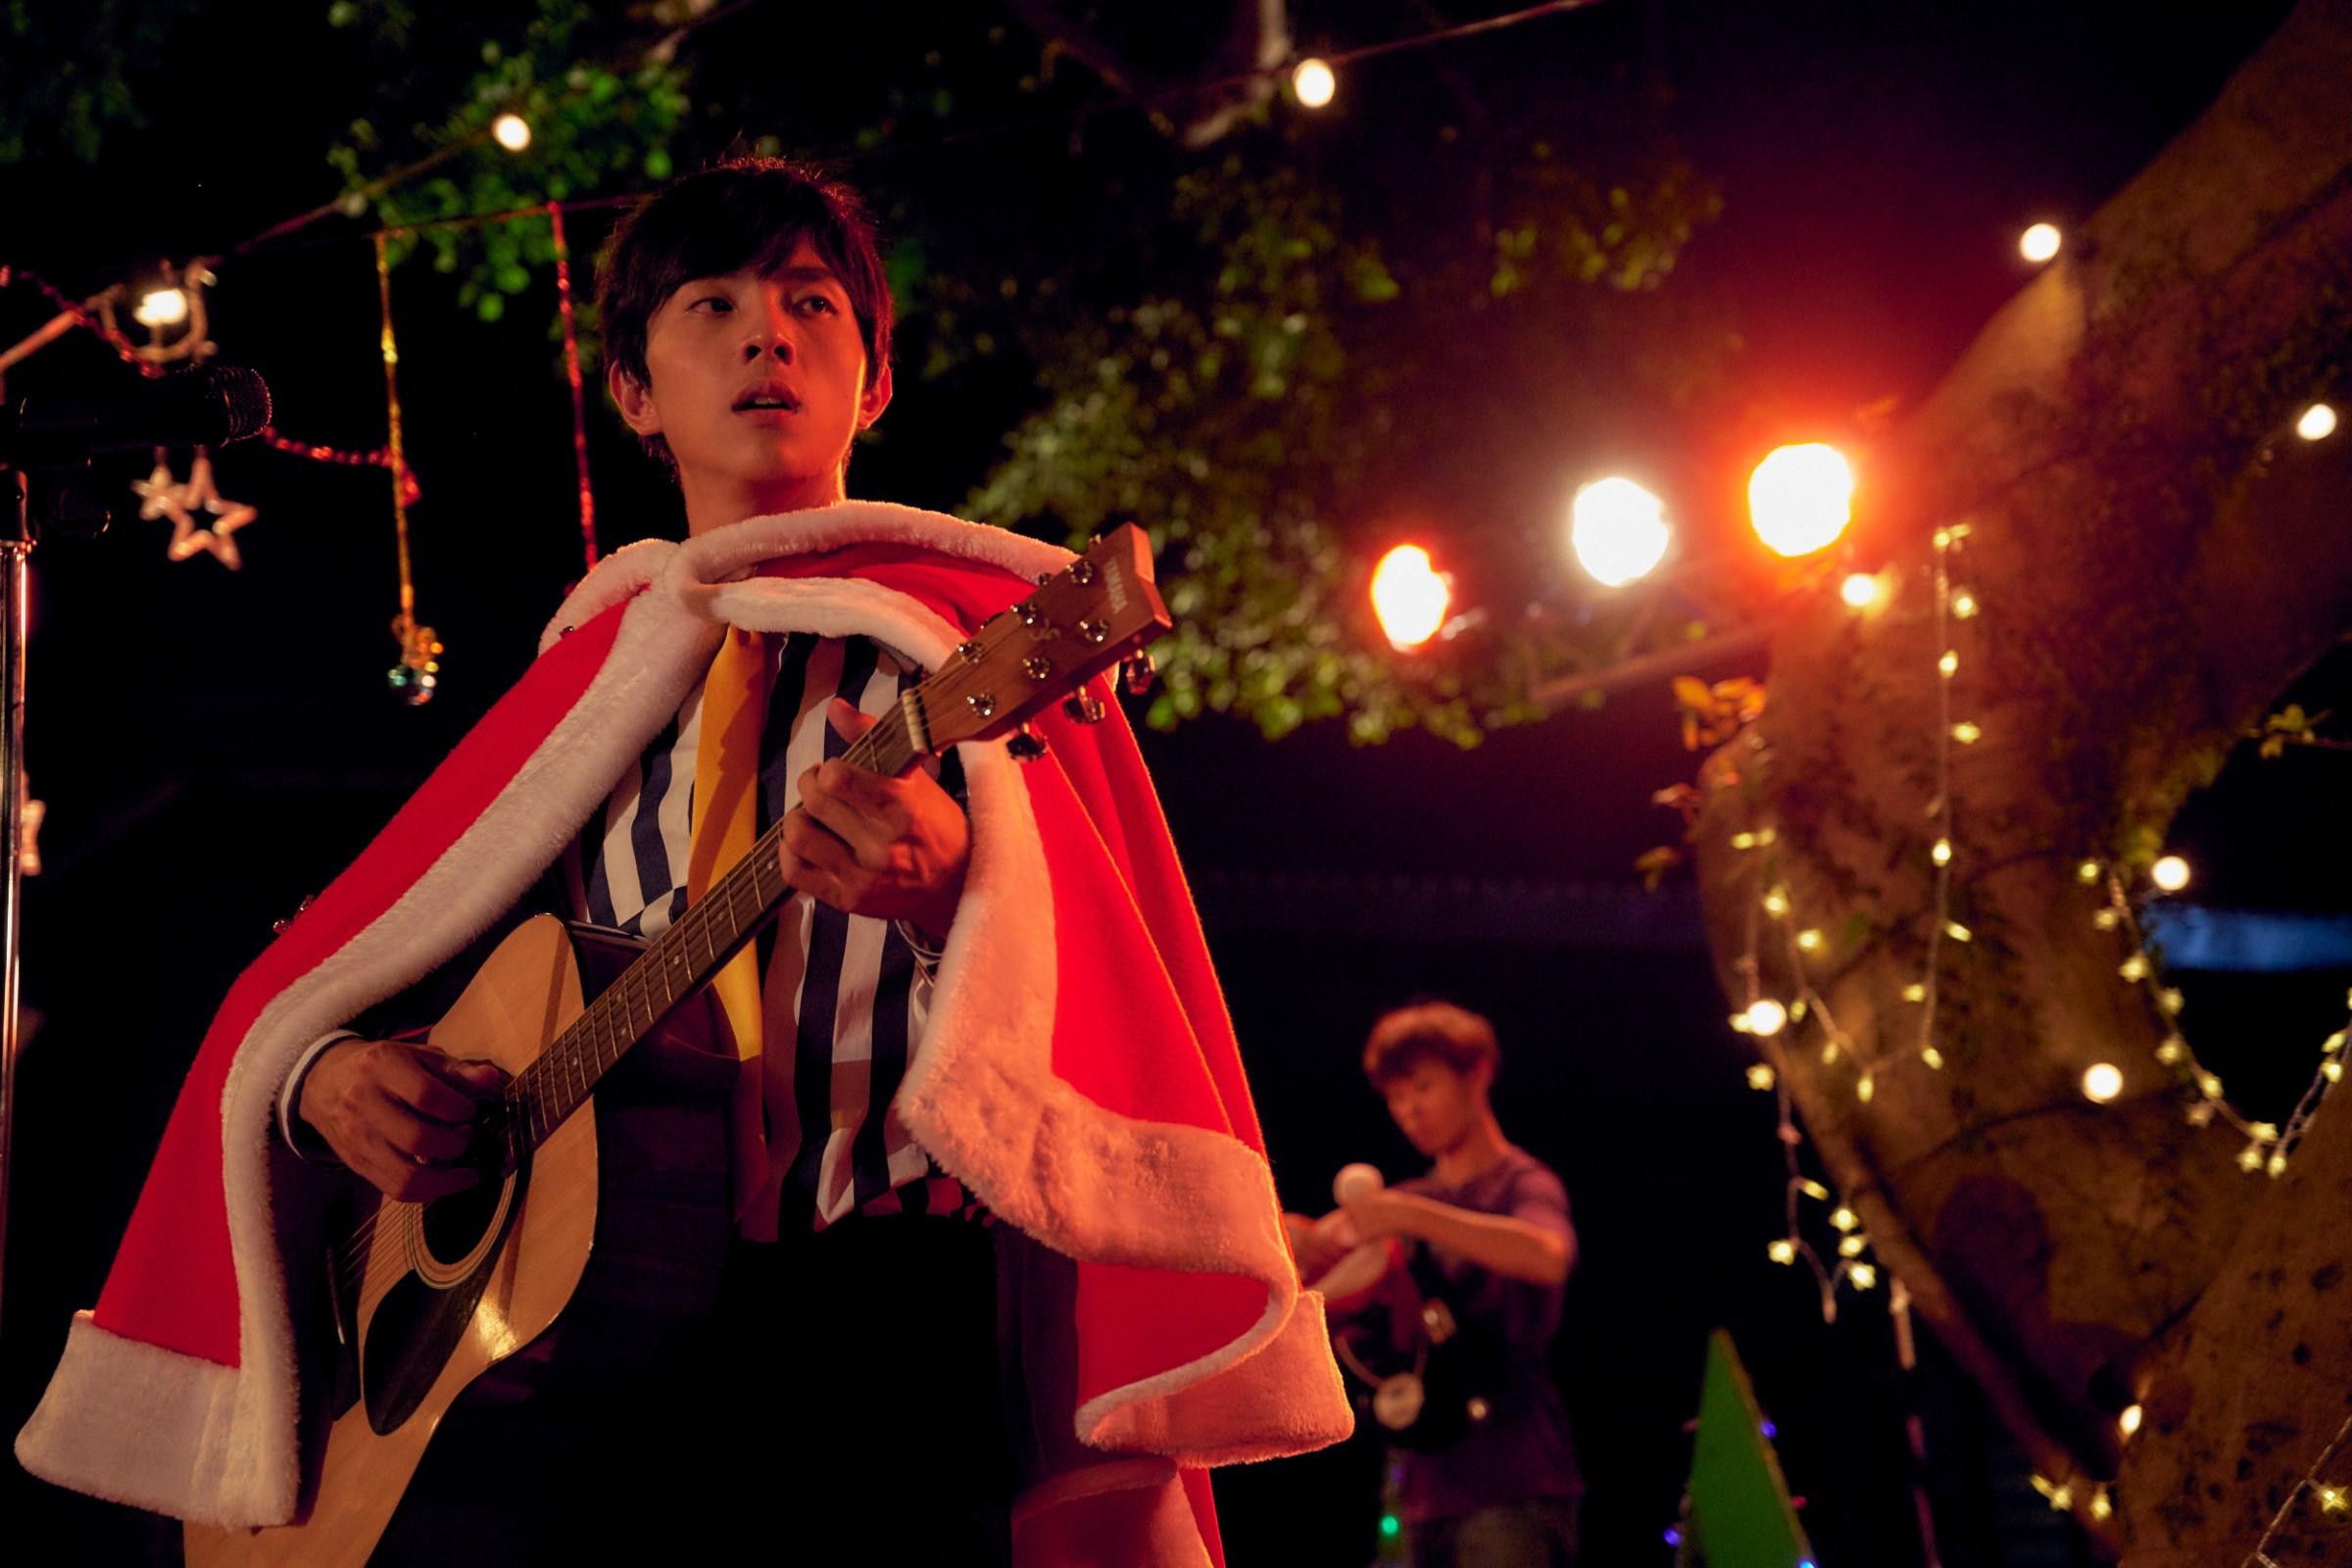 謝博安飾演擁有歌唱天賦的學生李東朔